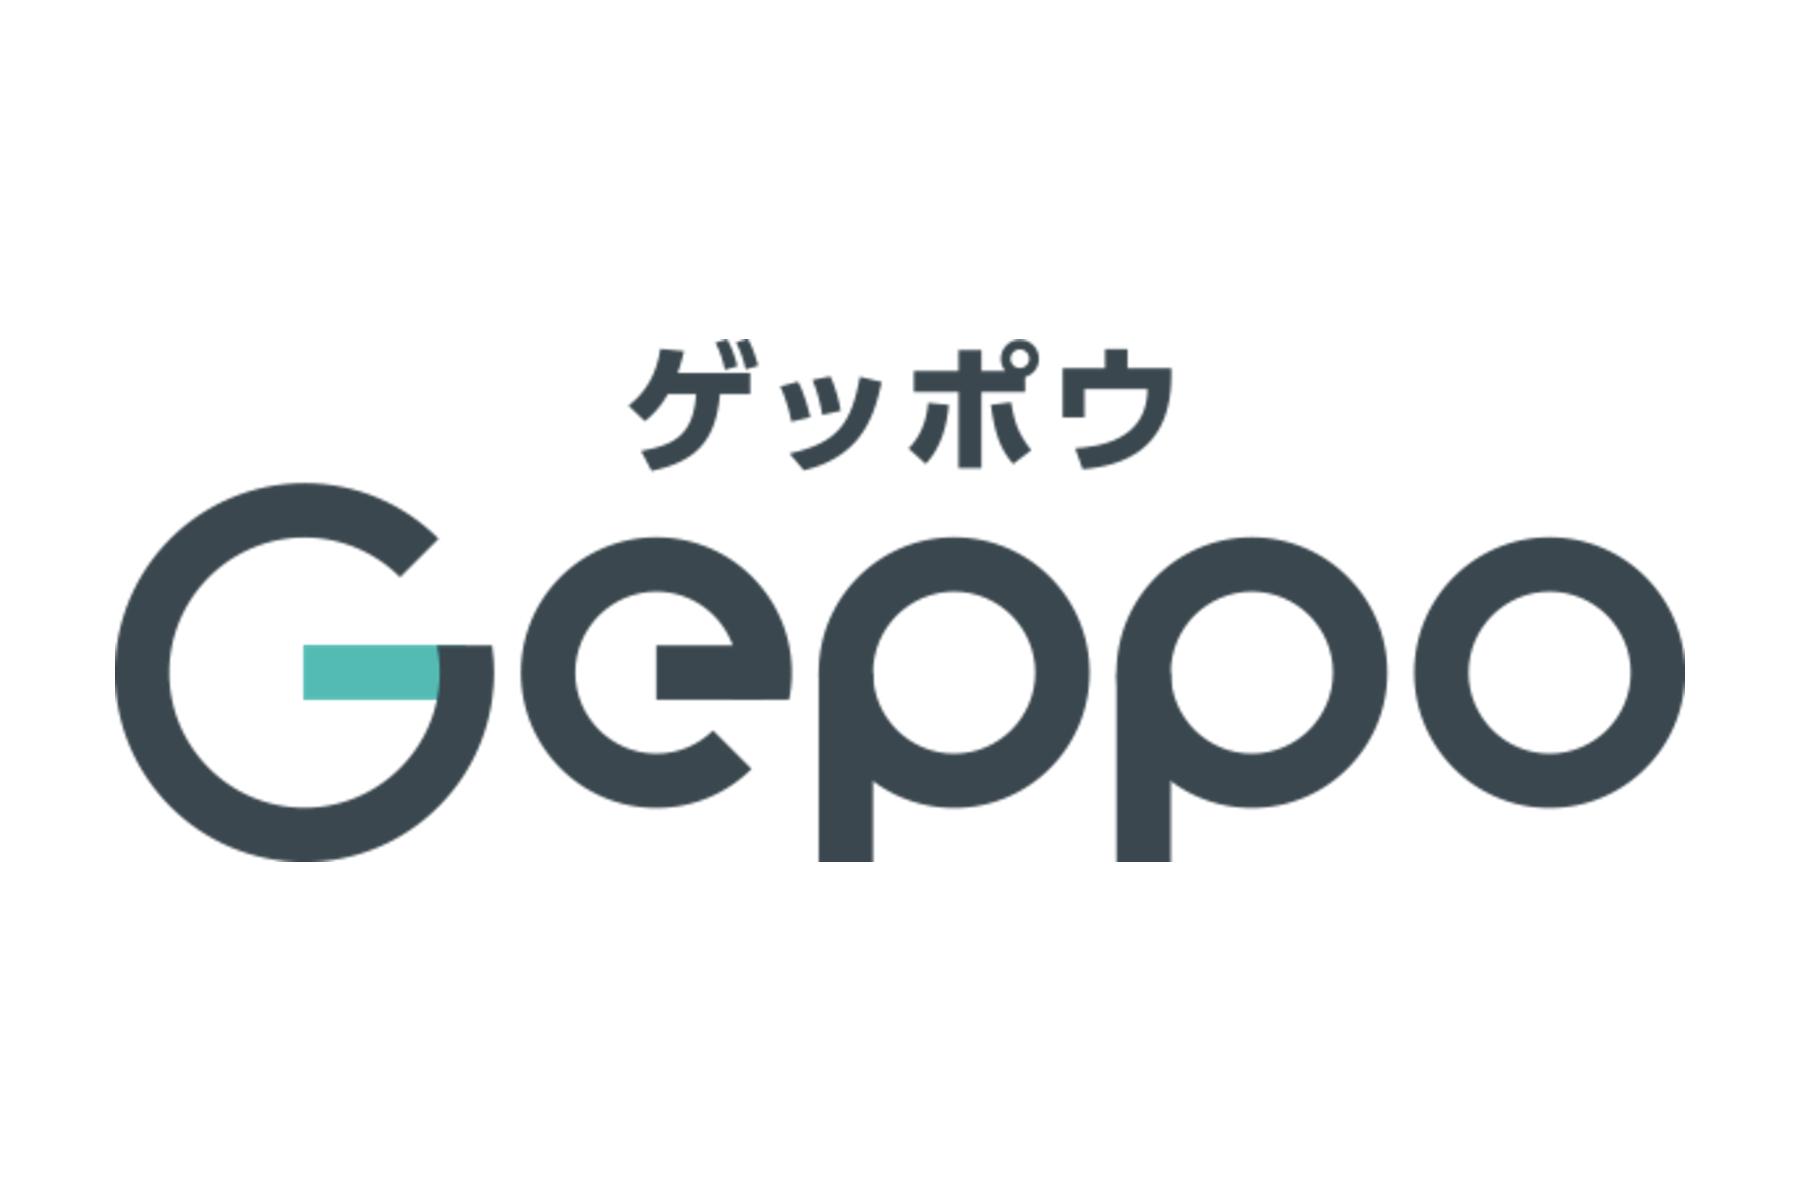 Geppo×テックドクター | 「テレワーク中のストレスマネジメント」をテーマに共同実証実験を開始